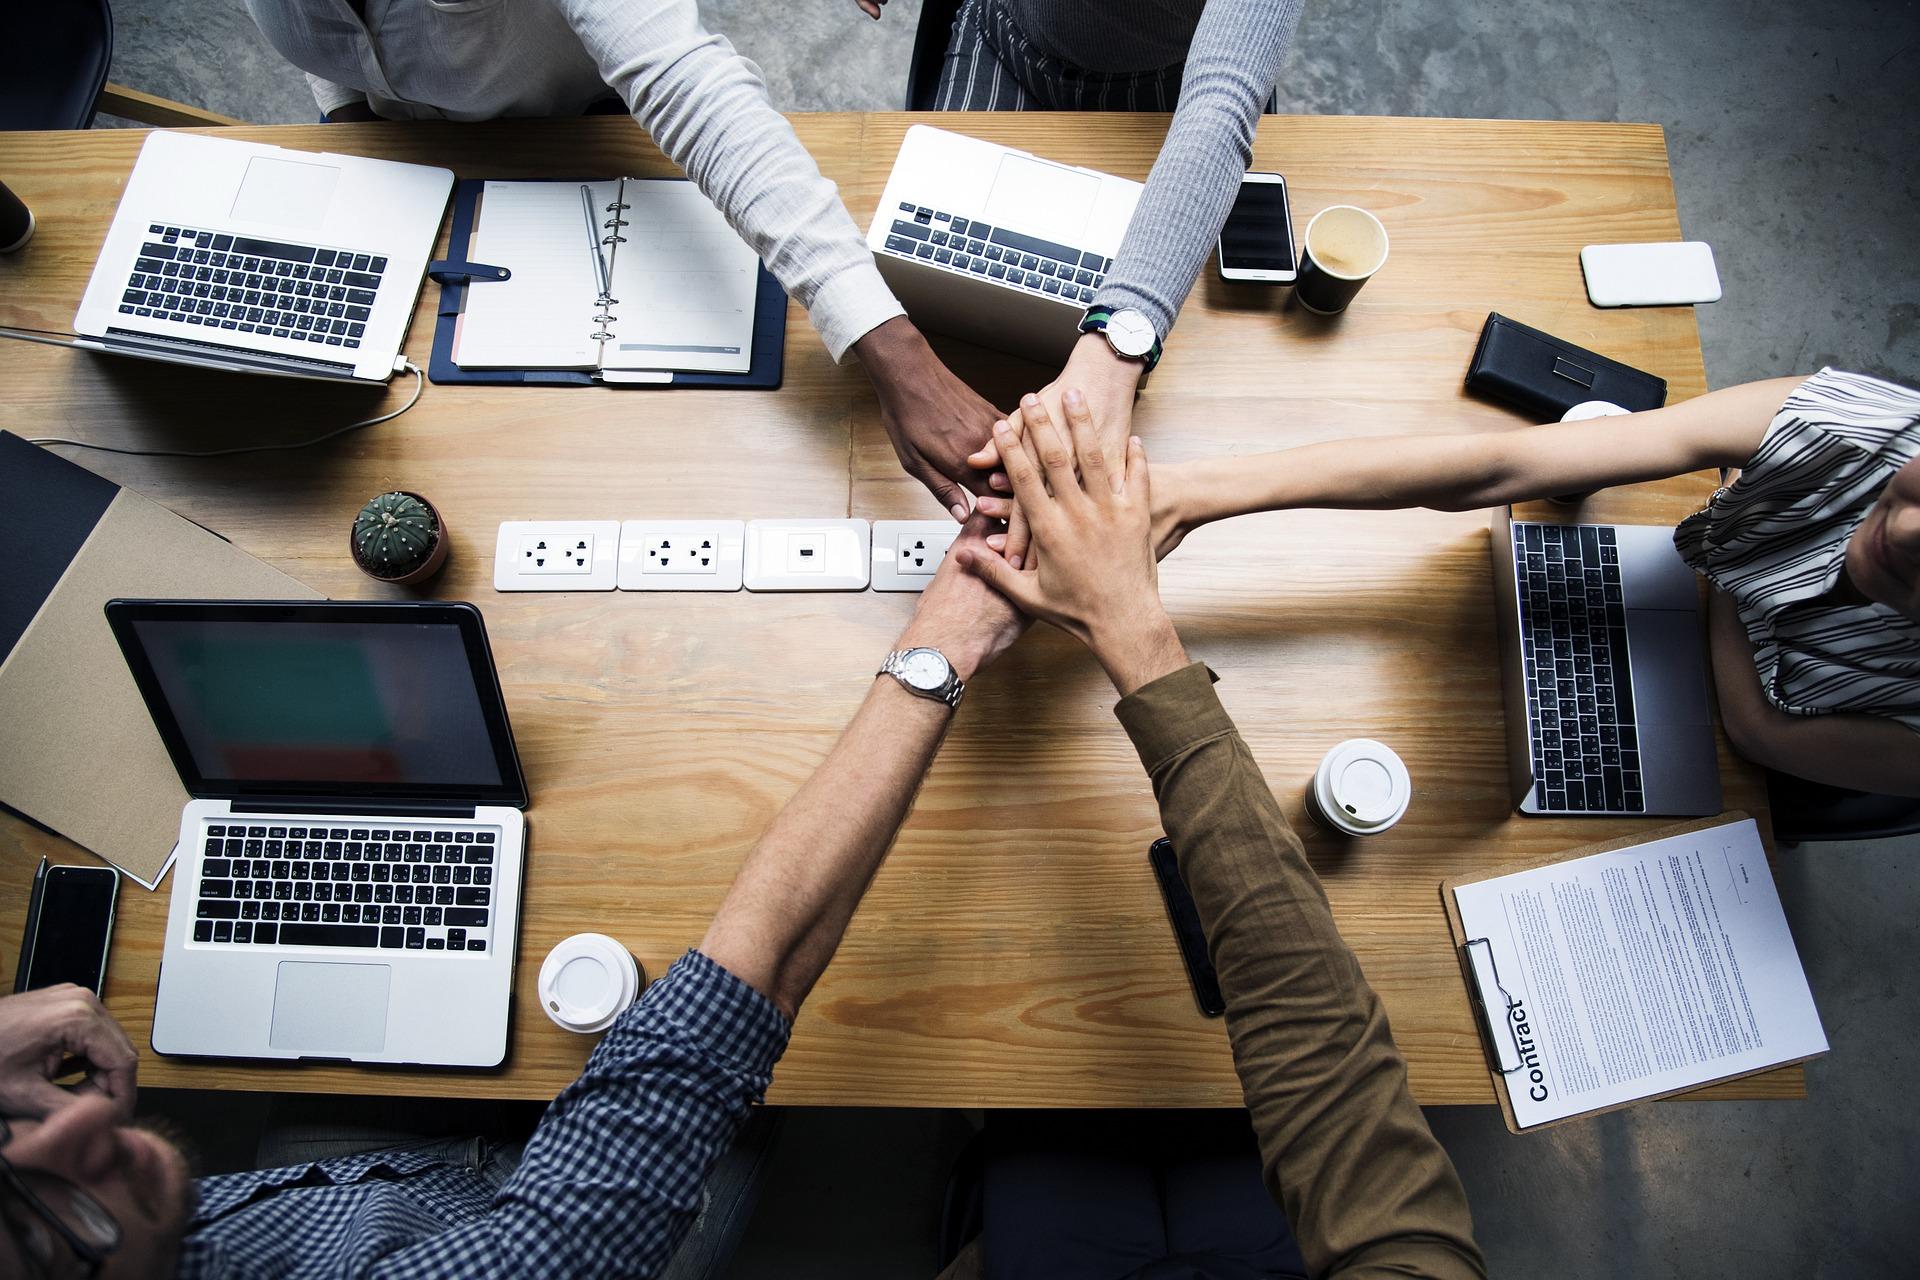 Diversity am Arbeitsplatz